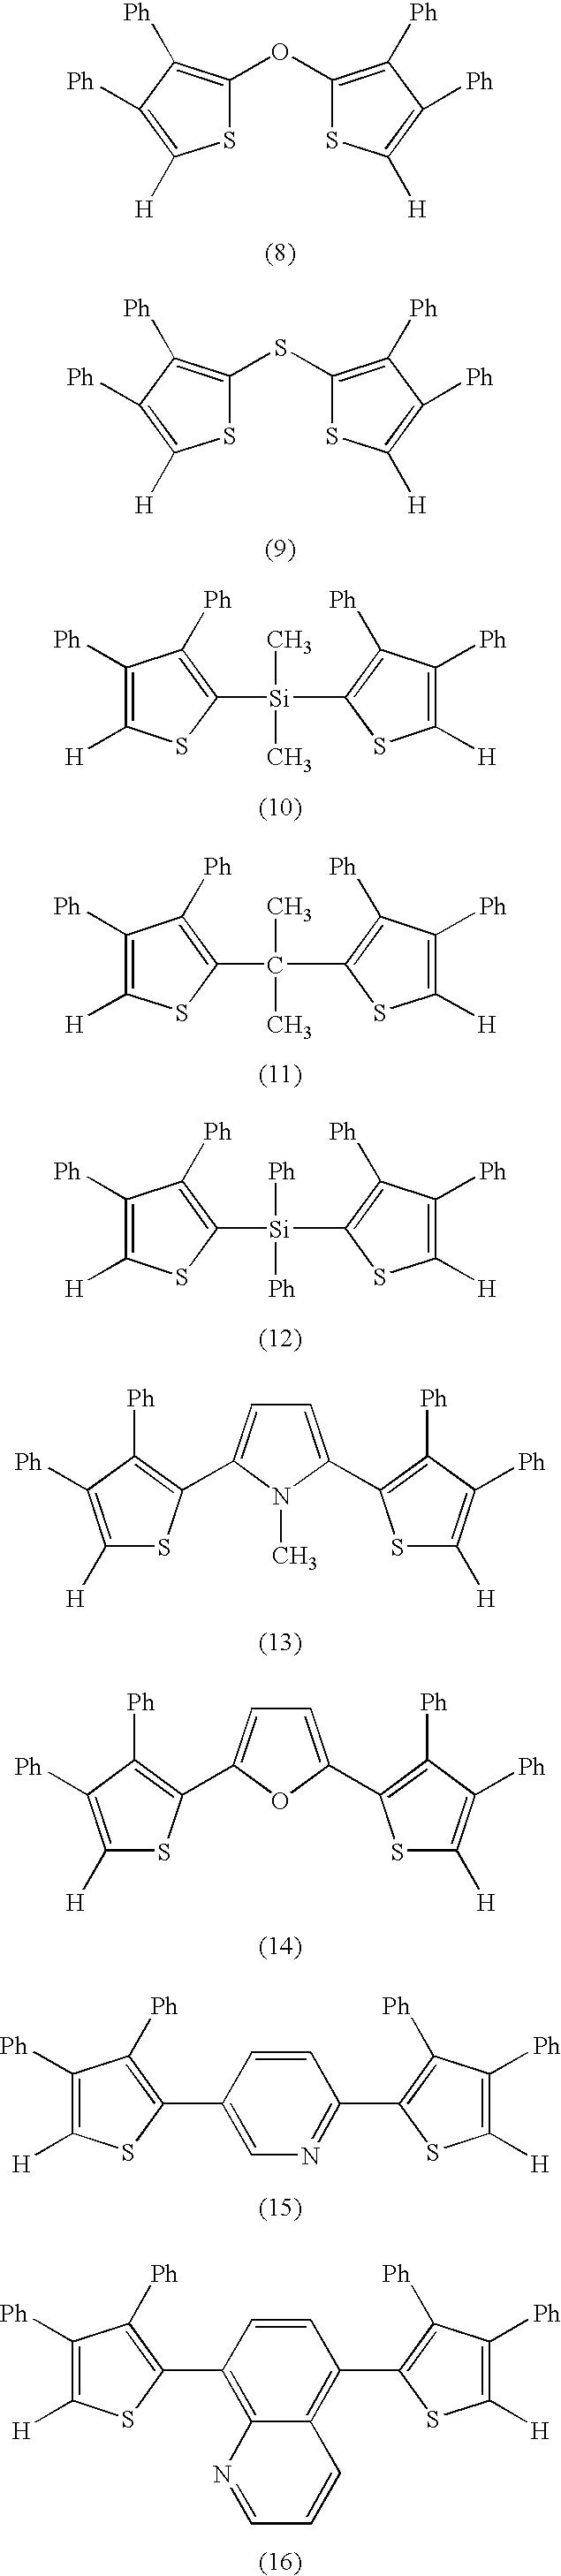 Figure US07871714-20110118-C00009